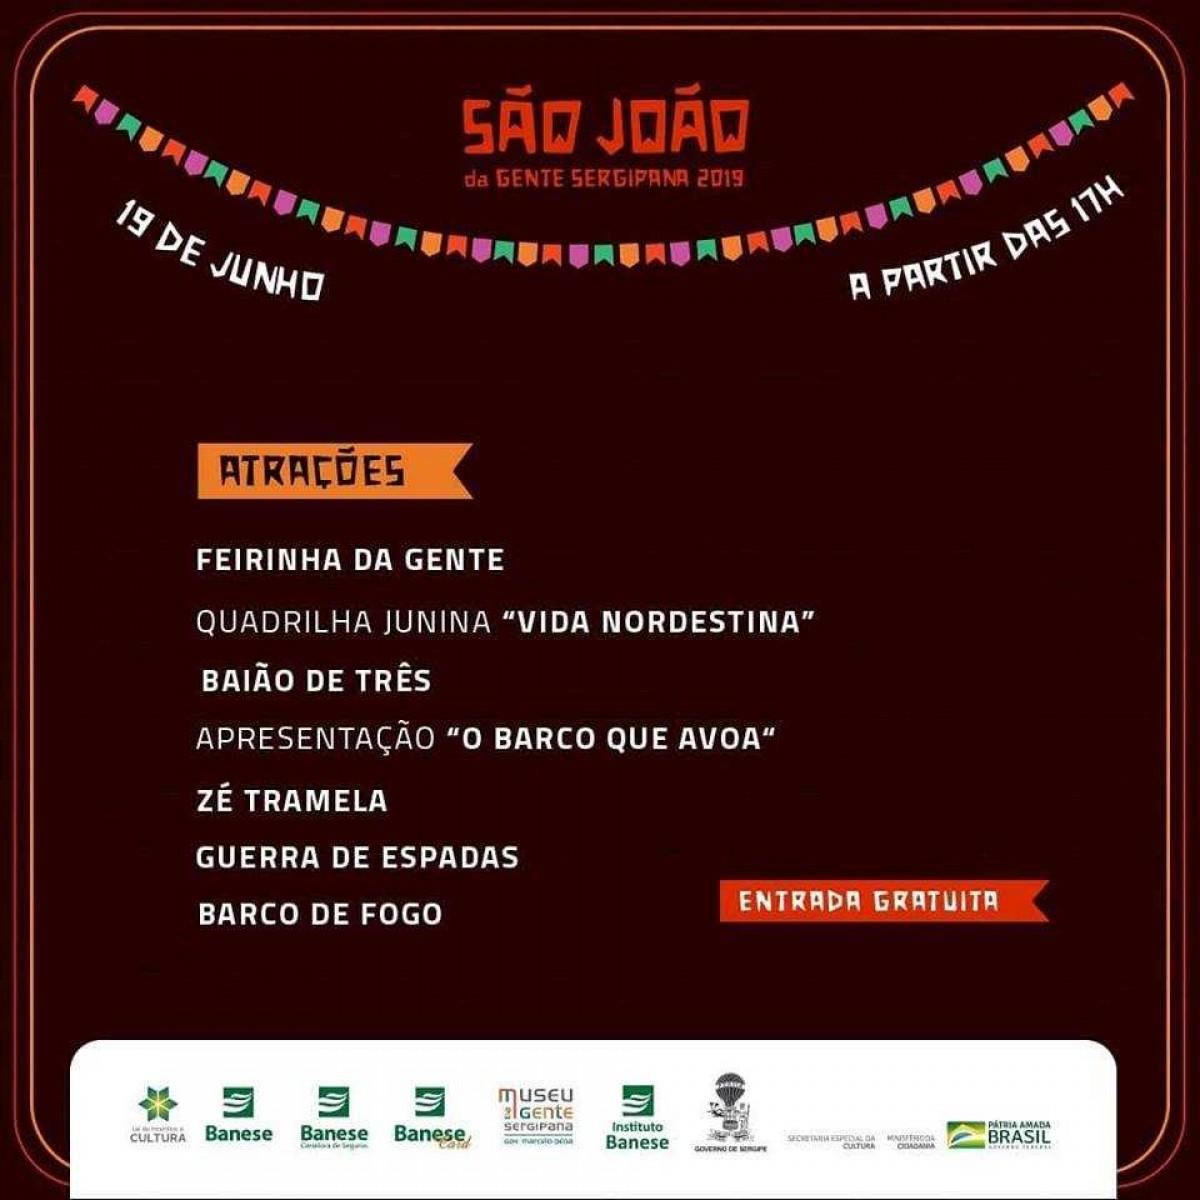 Programação do São João da Gente Sergipana 2019 (Imagem: Divulgação)